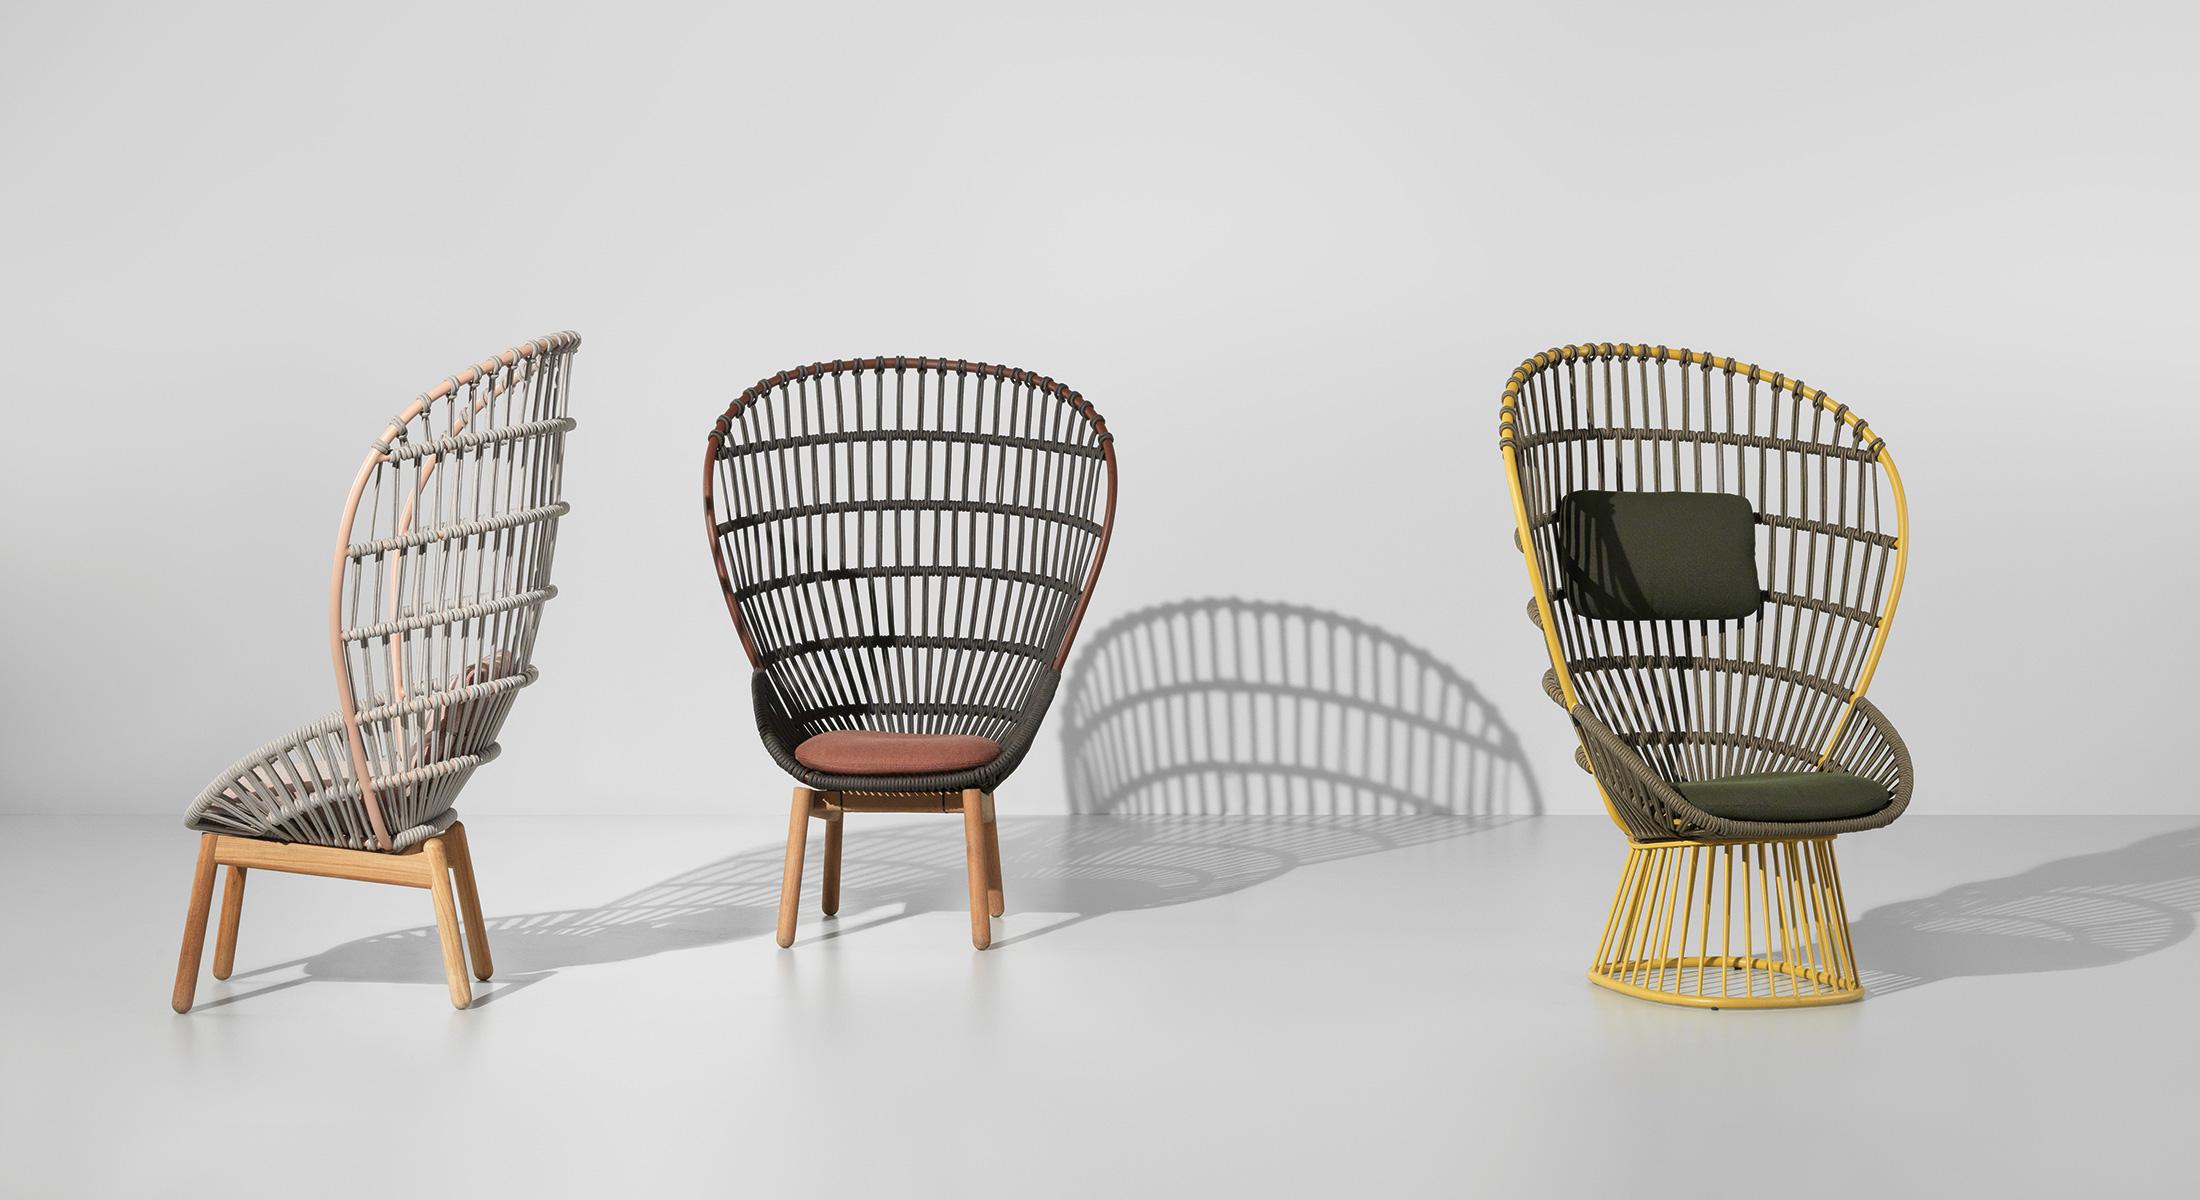 Kettal Cala Chairs